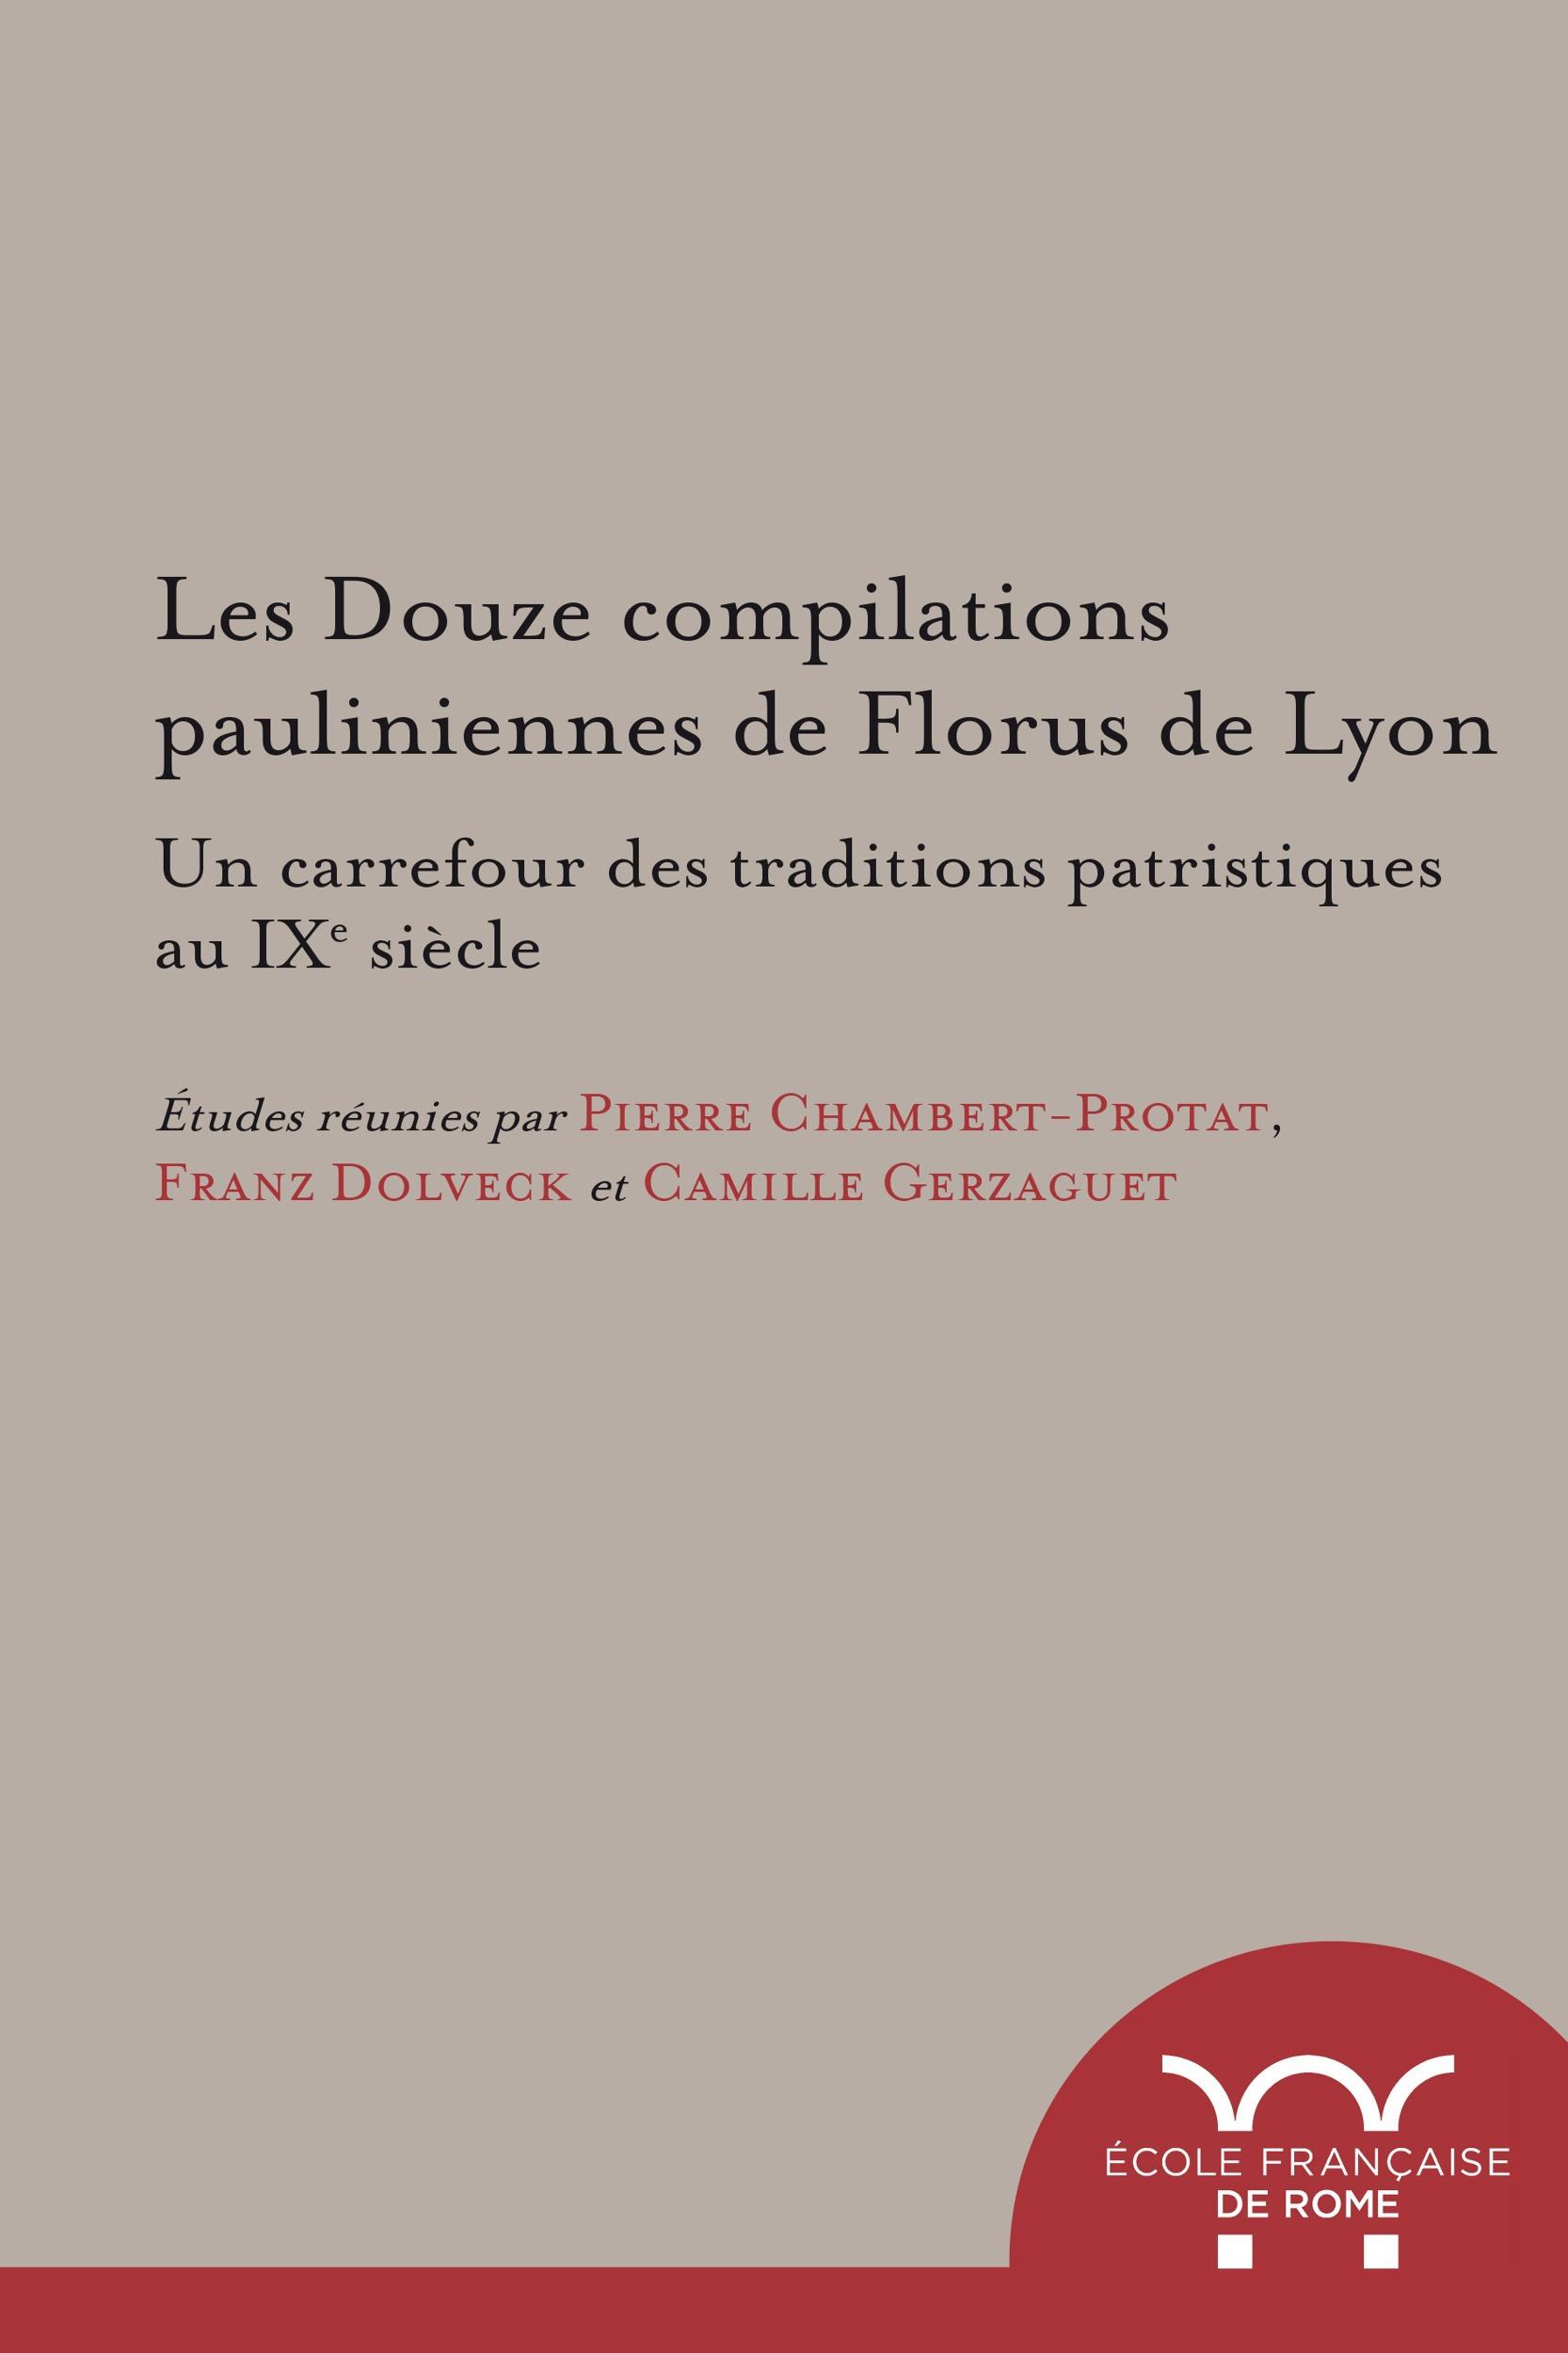 Les douze compilations pauliniennes de florus de lyon : un carrefour des traditi - un carrefour des